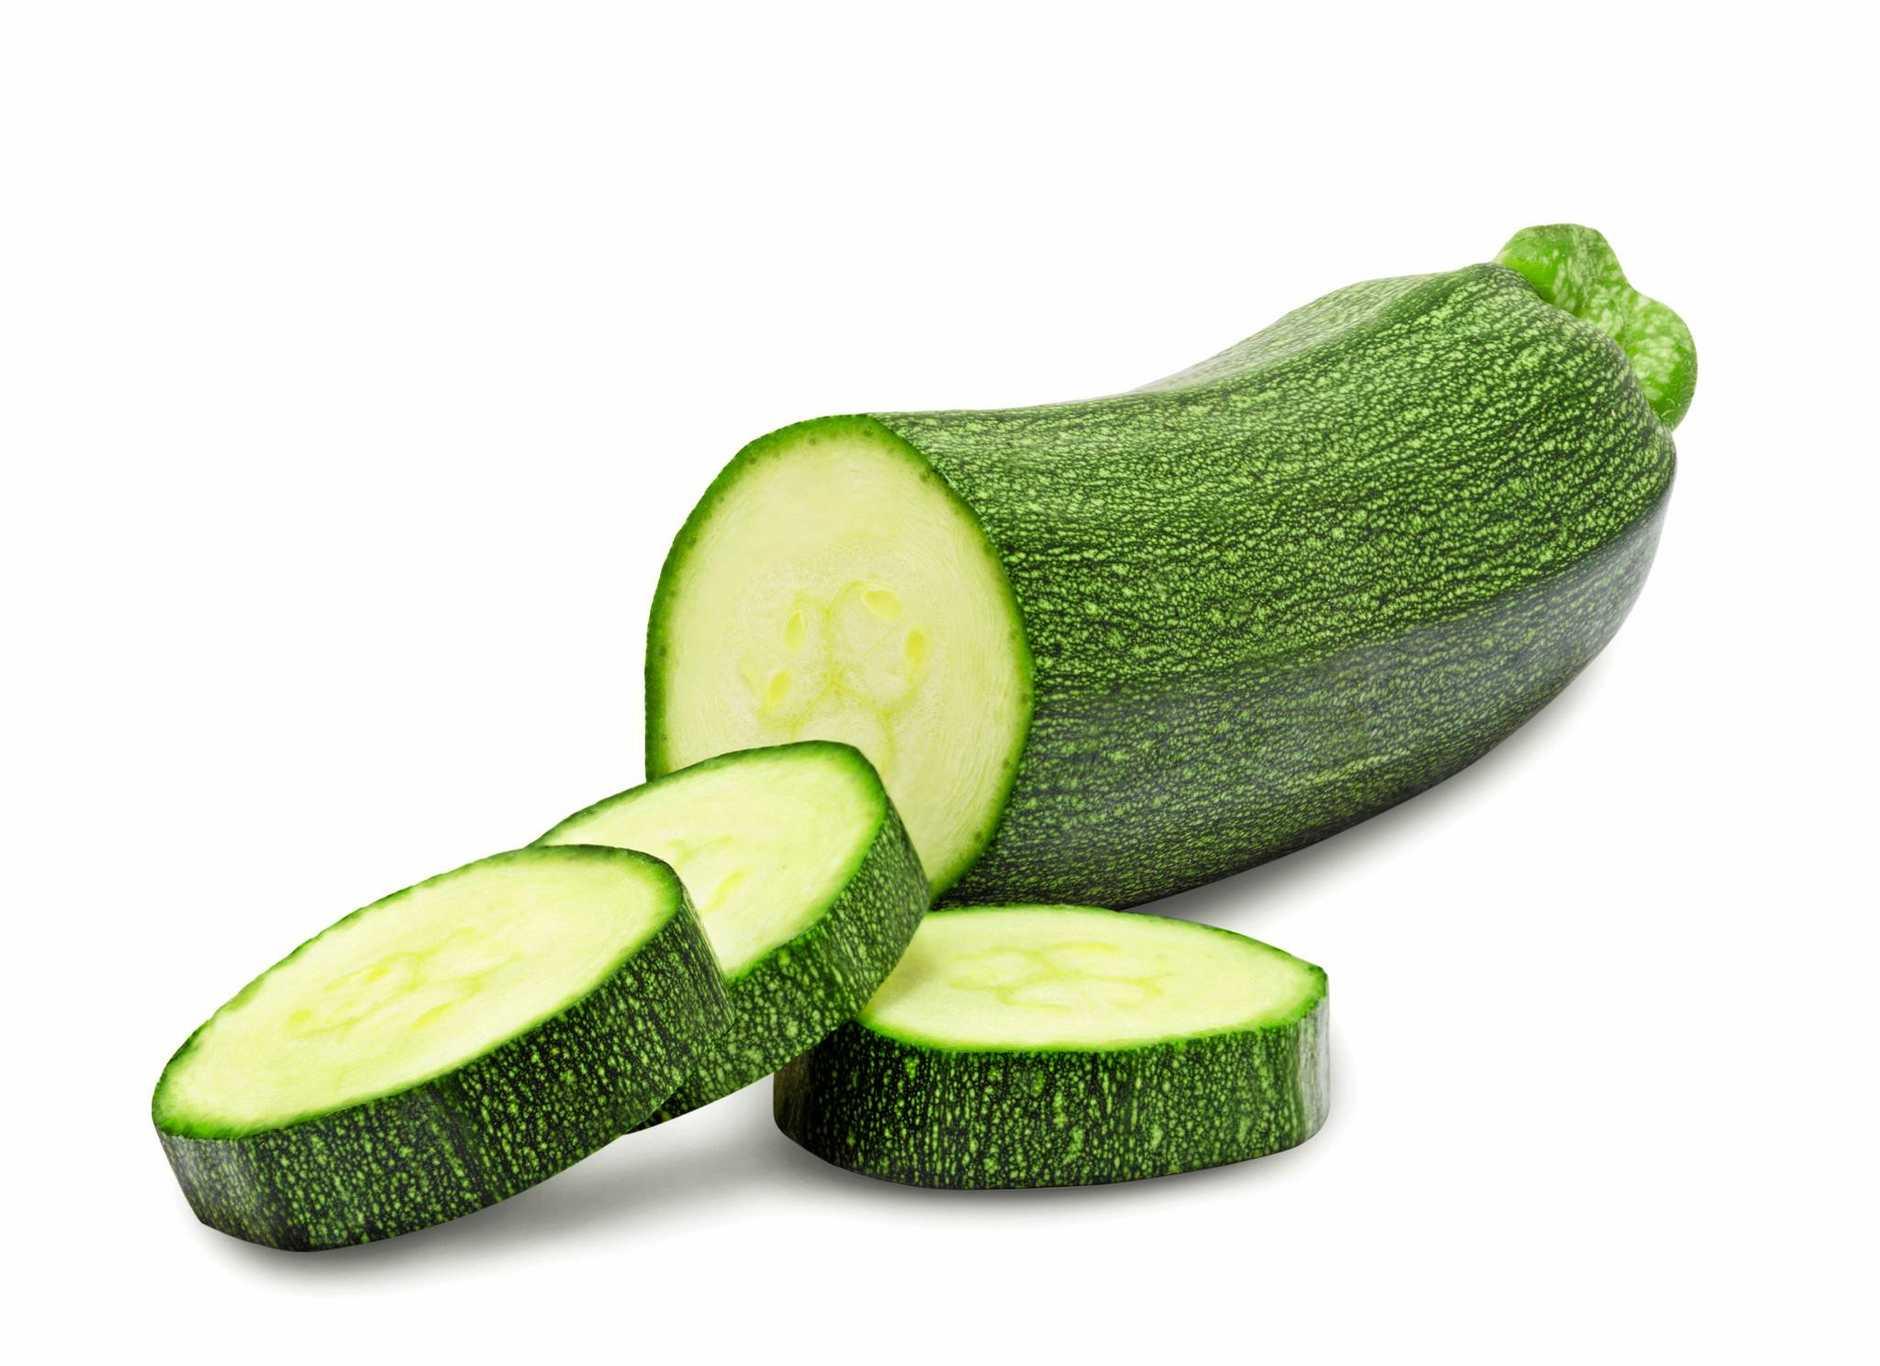 Fresh cut zucchini.